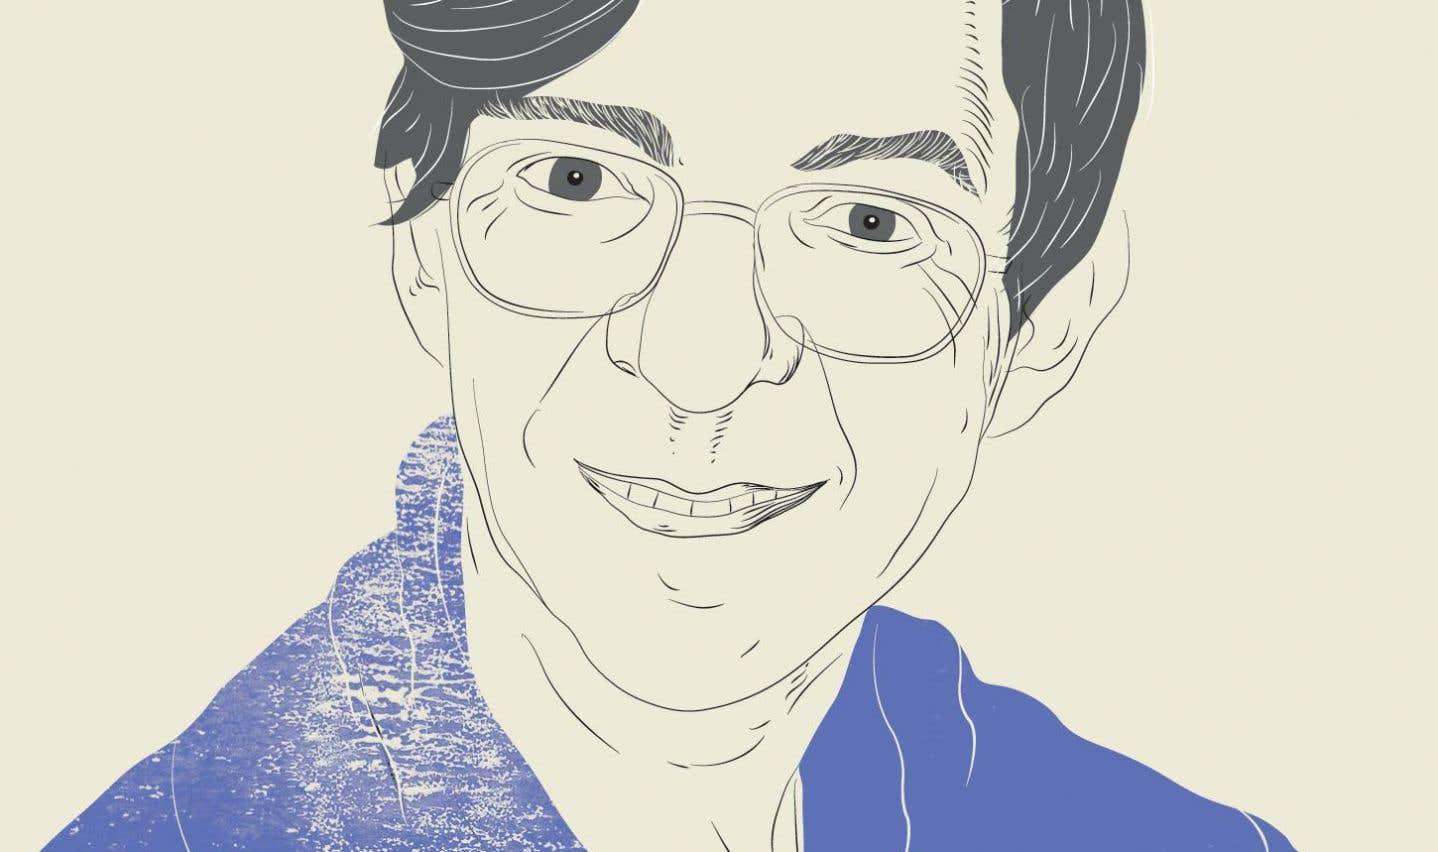 Vingt ans après le canular d'Alan Sokal, les impostures intellectuelles fleurissent toujours